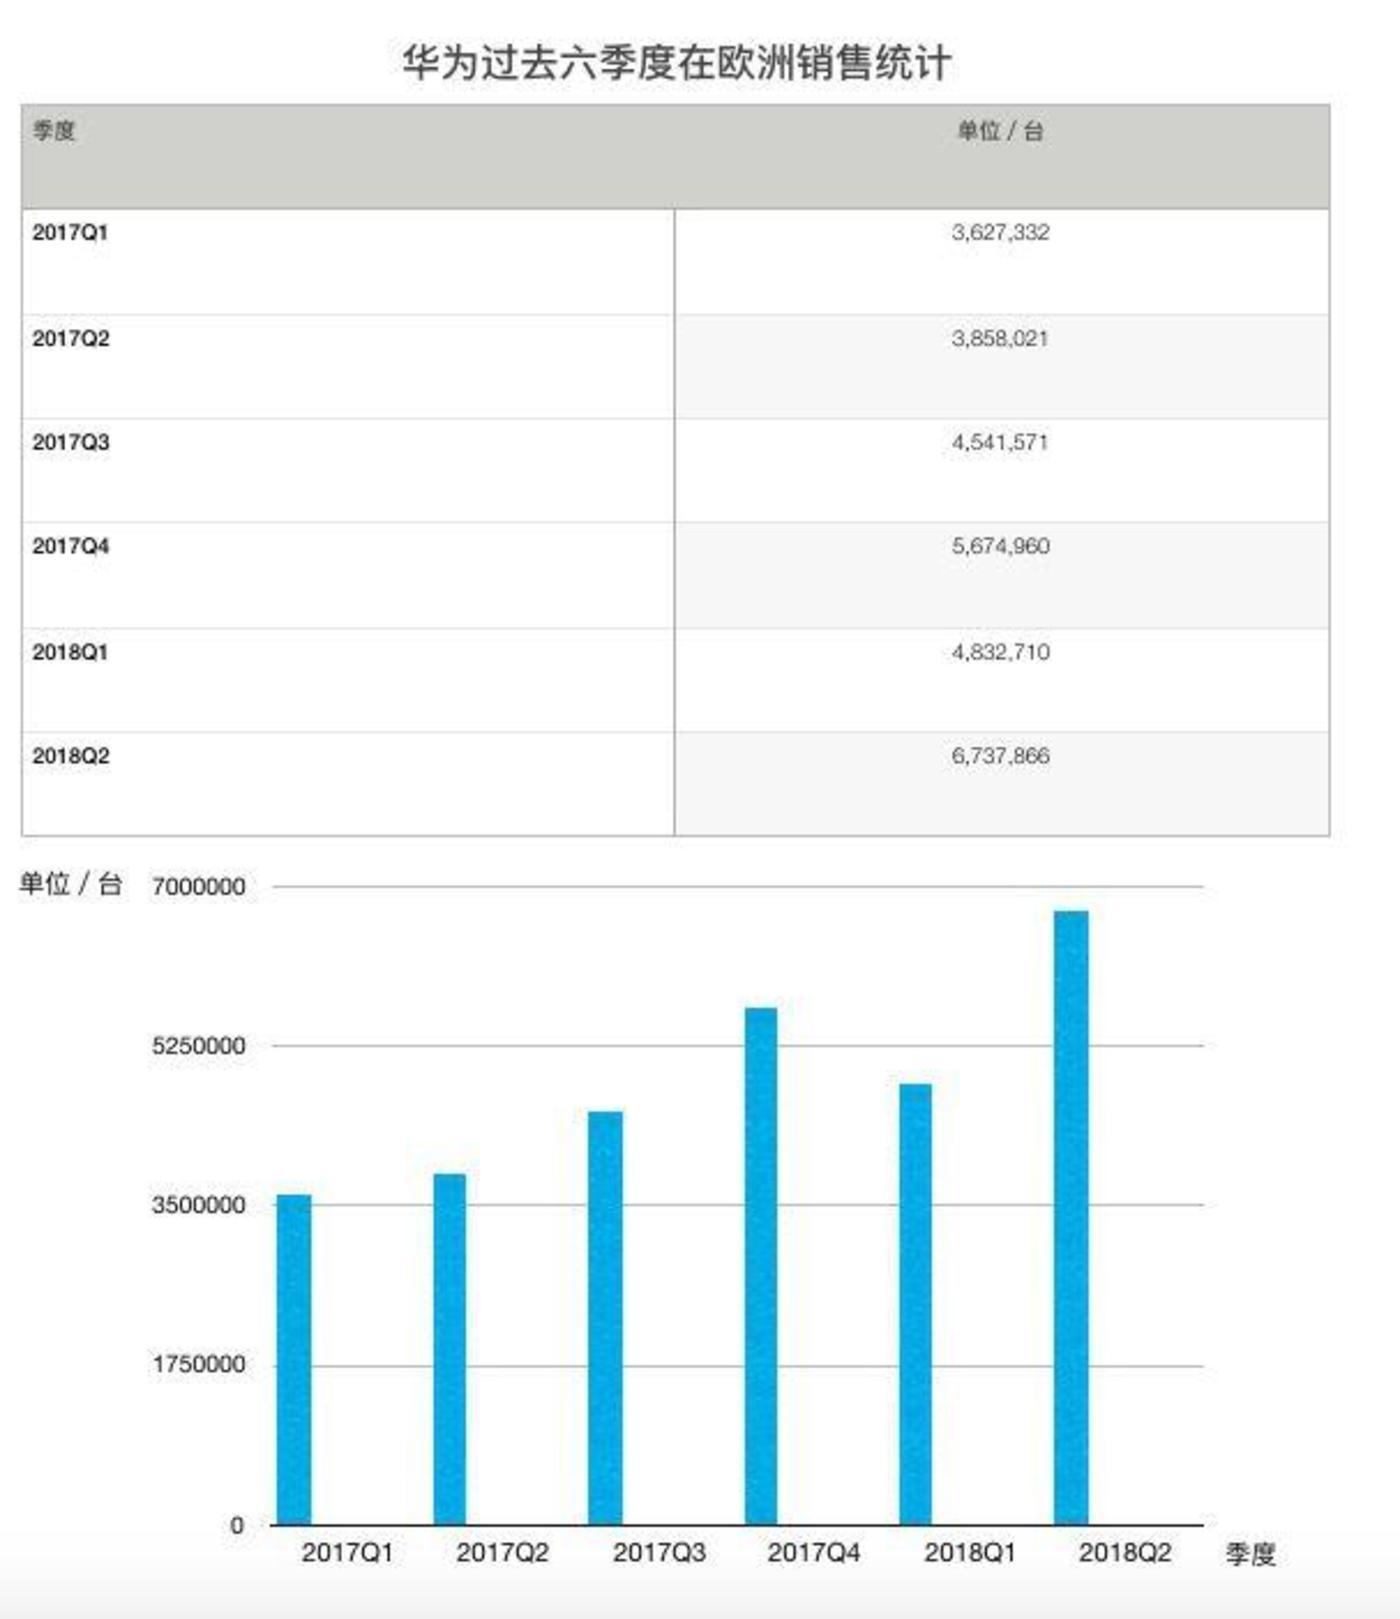 锌财经根据IDC数据整理